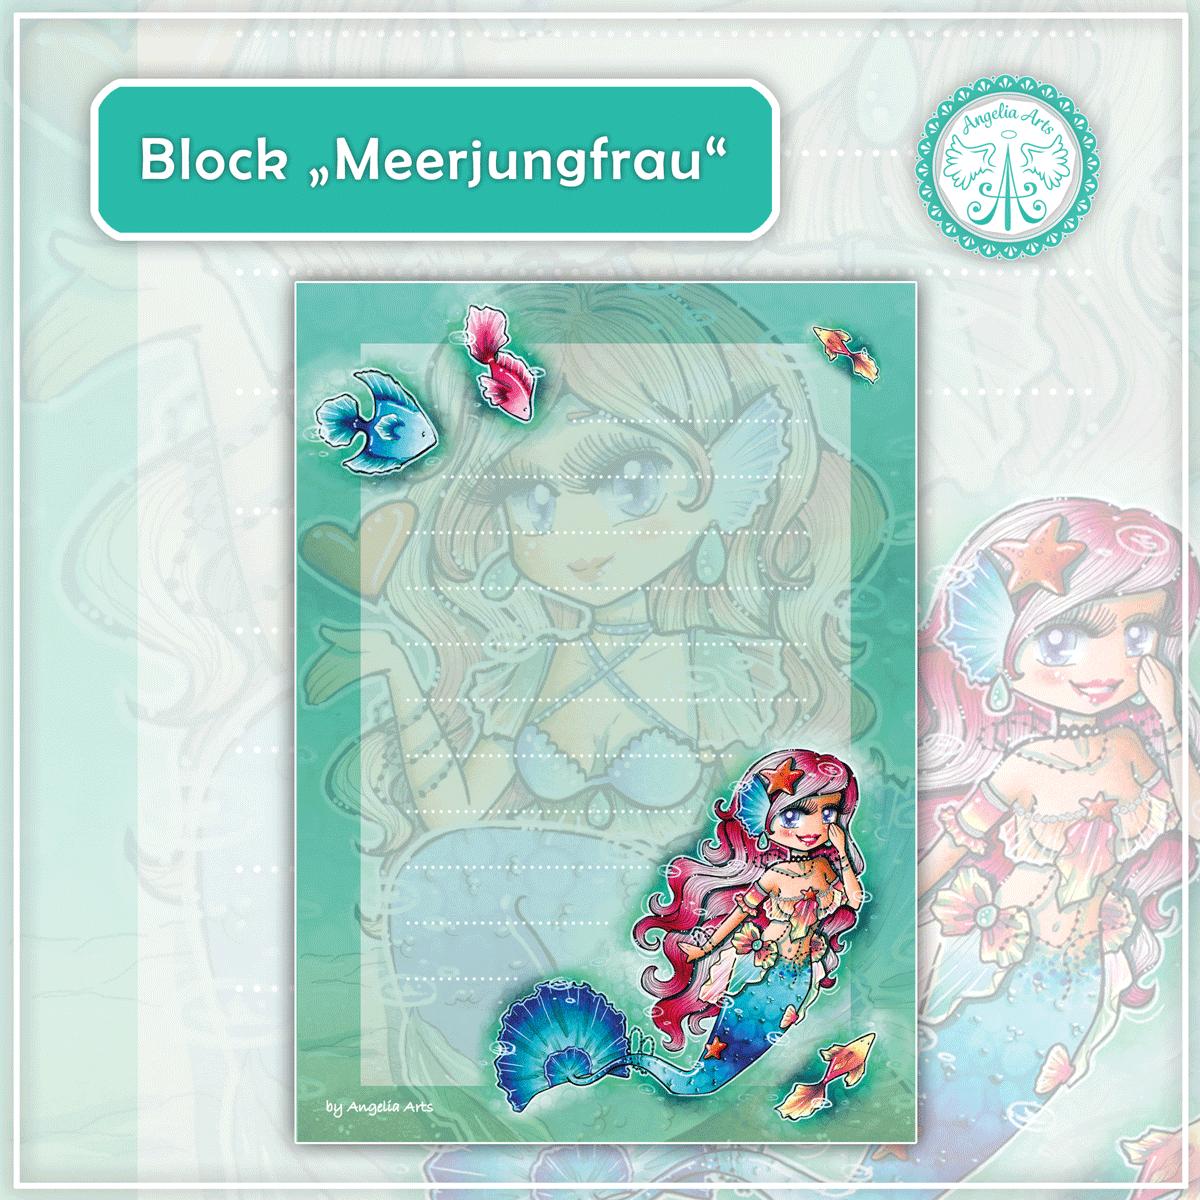 Block-Meerjungfrau